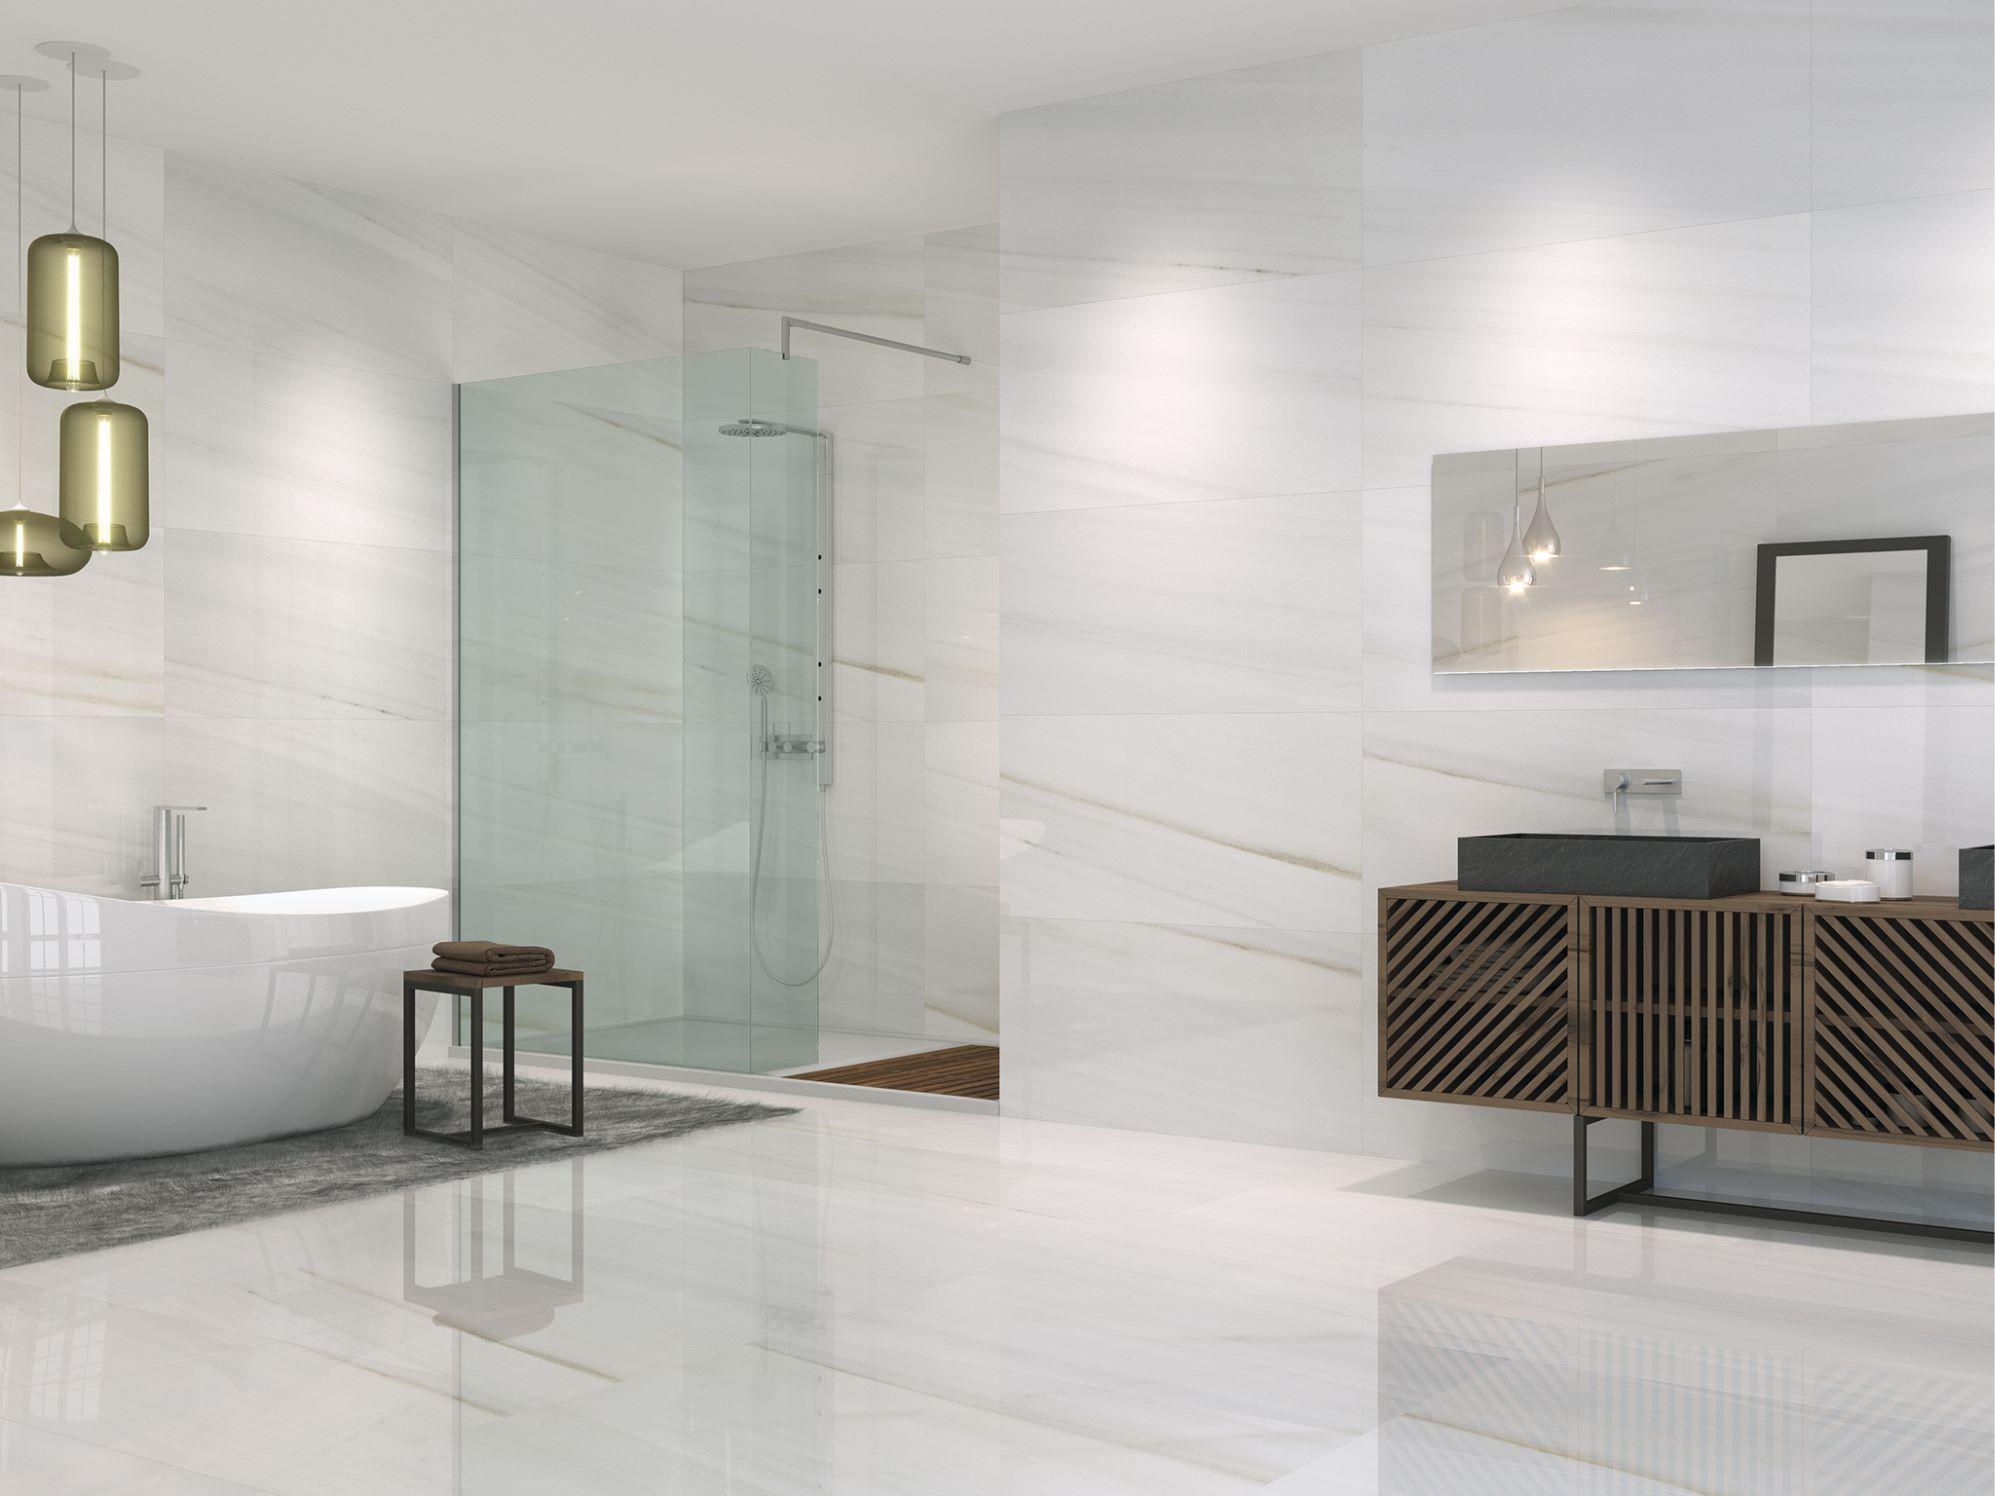 Lavabo Olimpo Roca.Striato Olimpo Cifre Ceramica Cifre Bathroom Bathtub